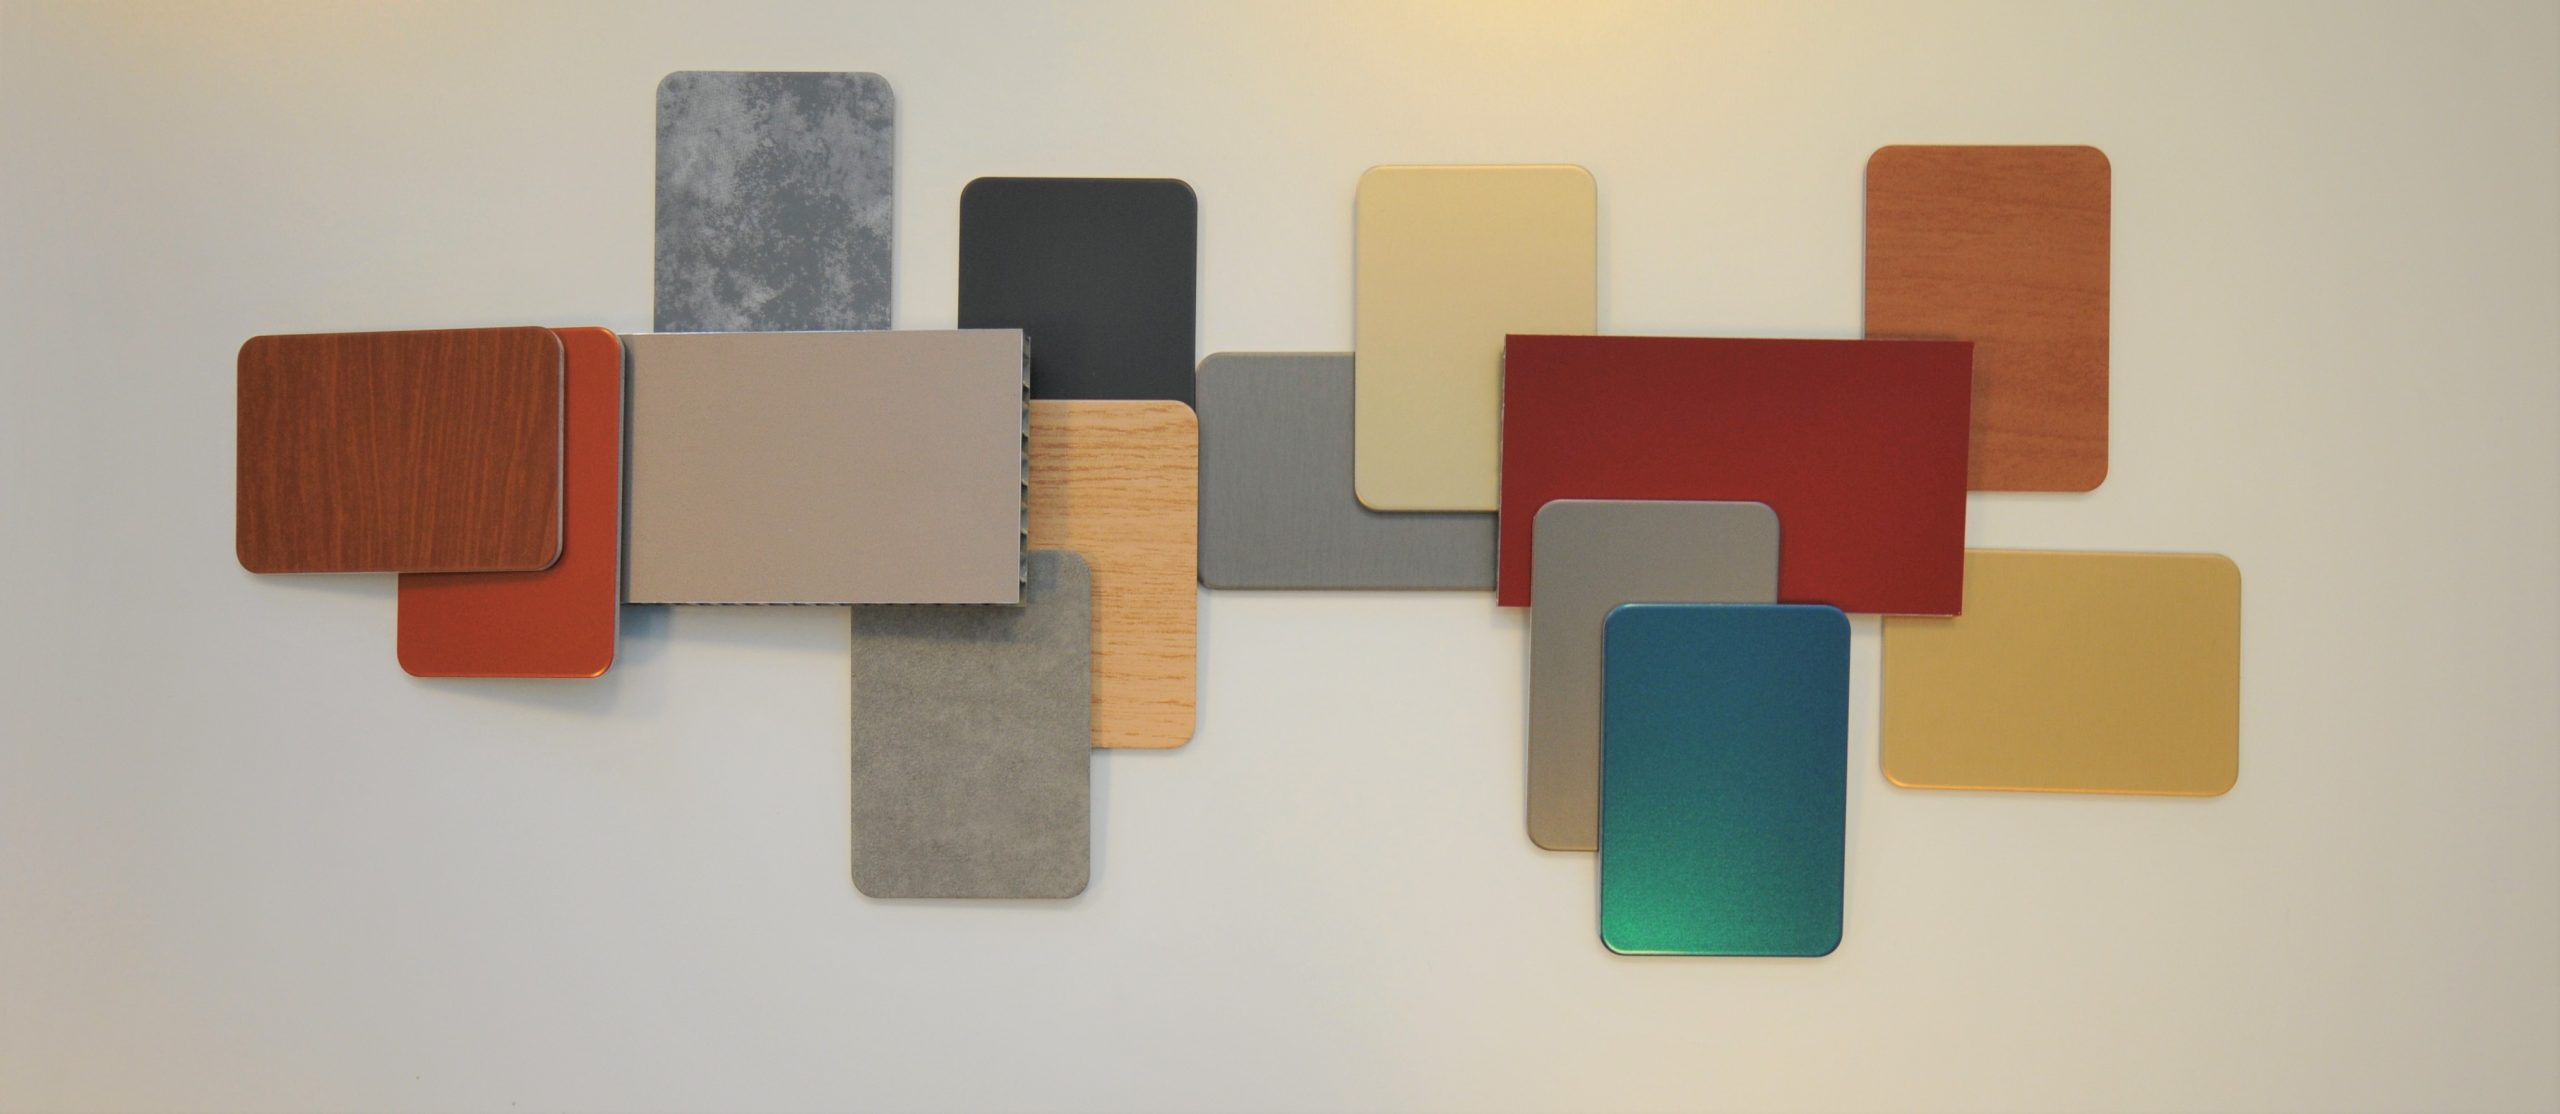 Aluminium-Composiet-composite-material-ACM